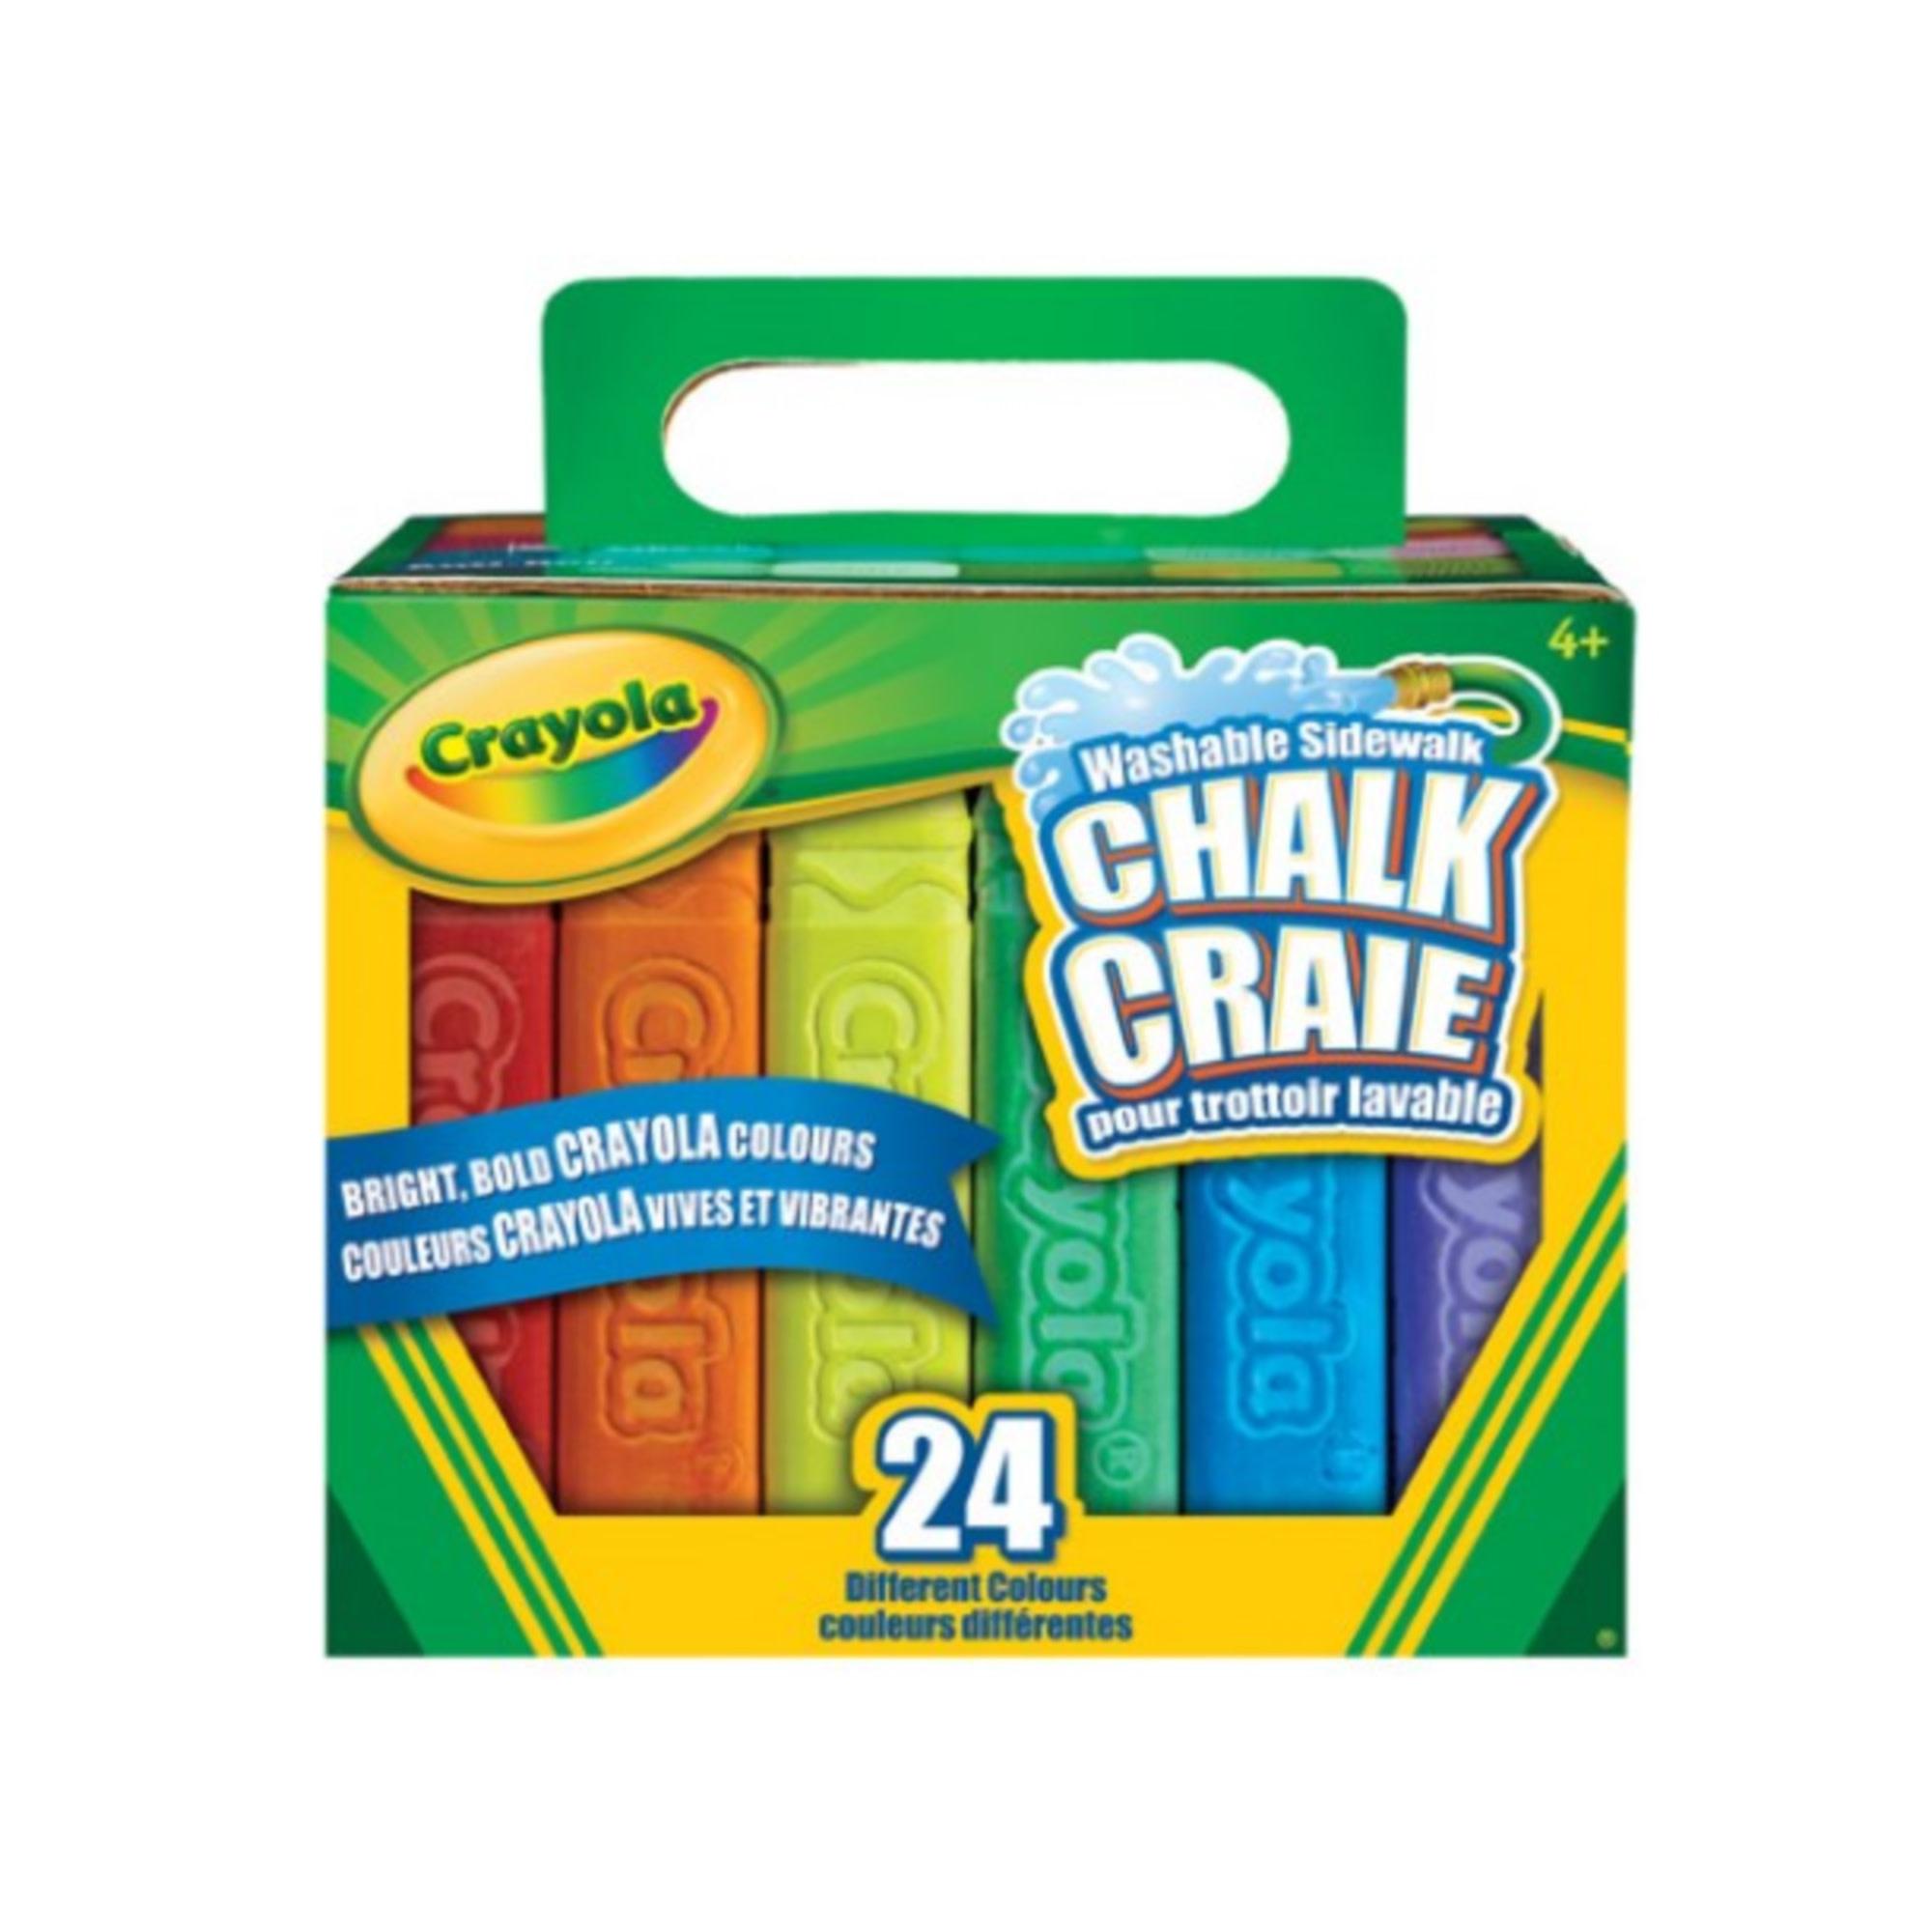 Crayola Boîte de 24 craies pour trottoir